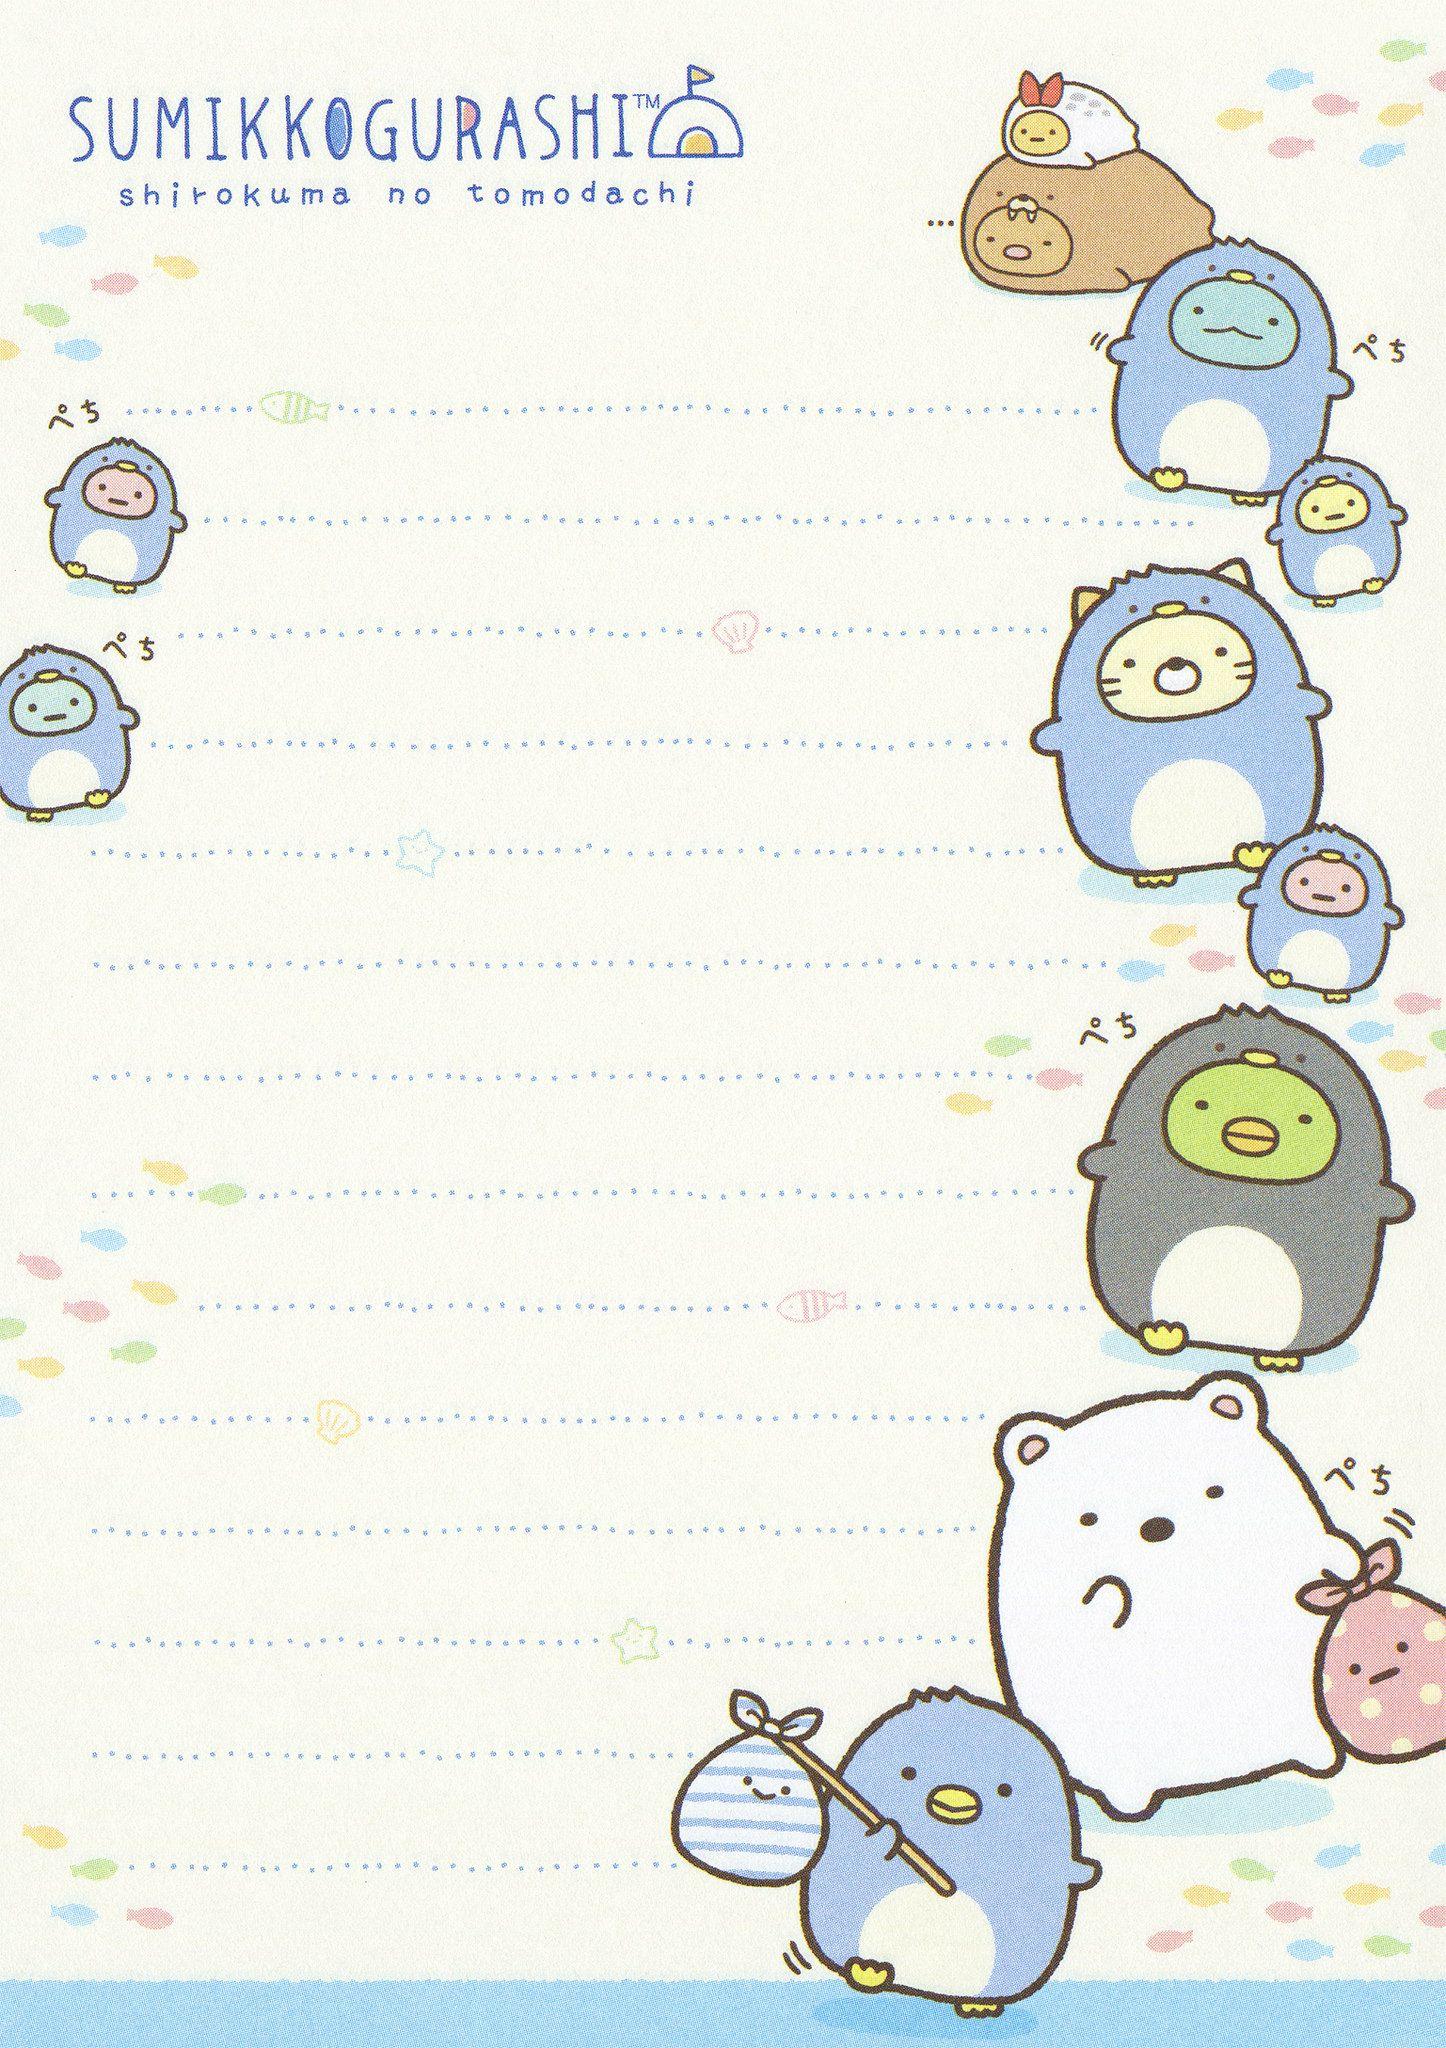 San X Sumikko Gurashi Polar Bear S Friends Memo 2